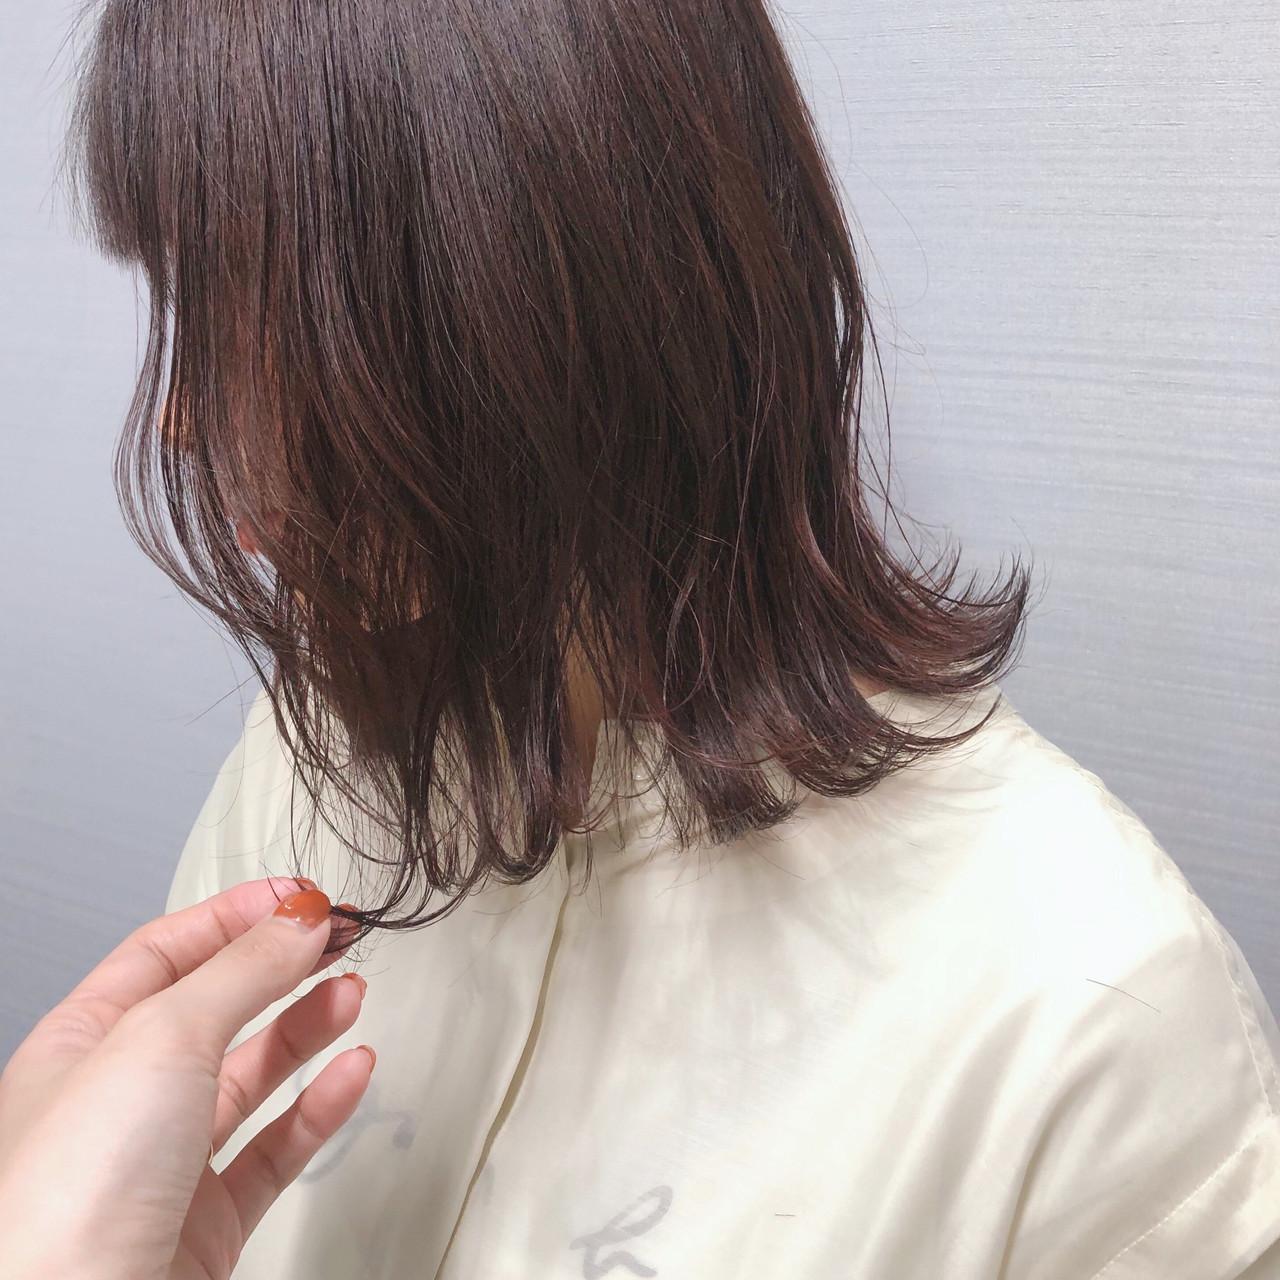 大人ミディアム ピンク ナチュラル ピンクベージュ ヘアスタイルや髪型の写真・画像